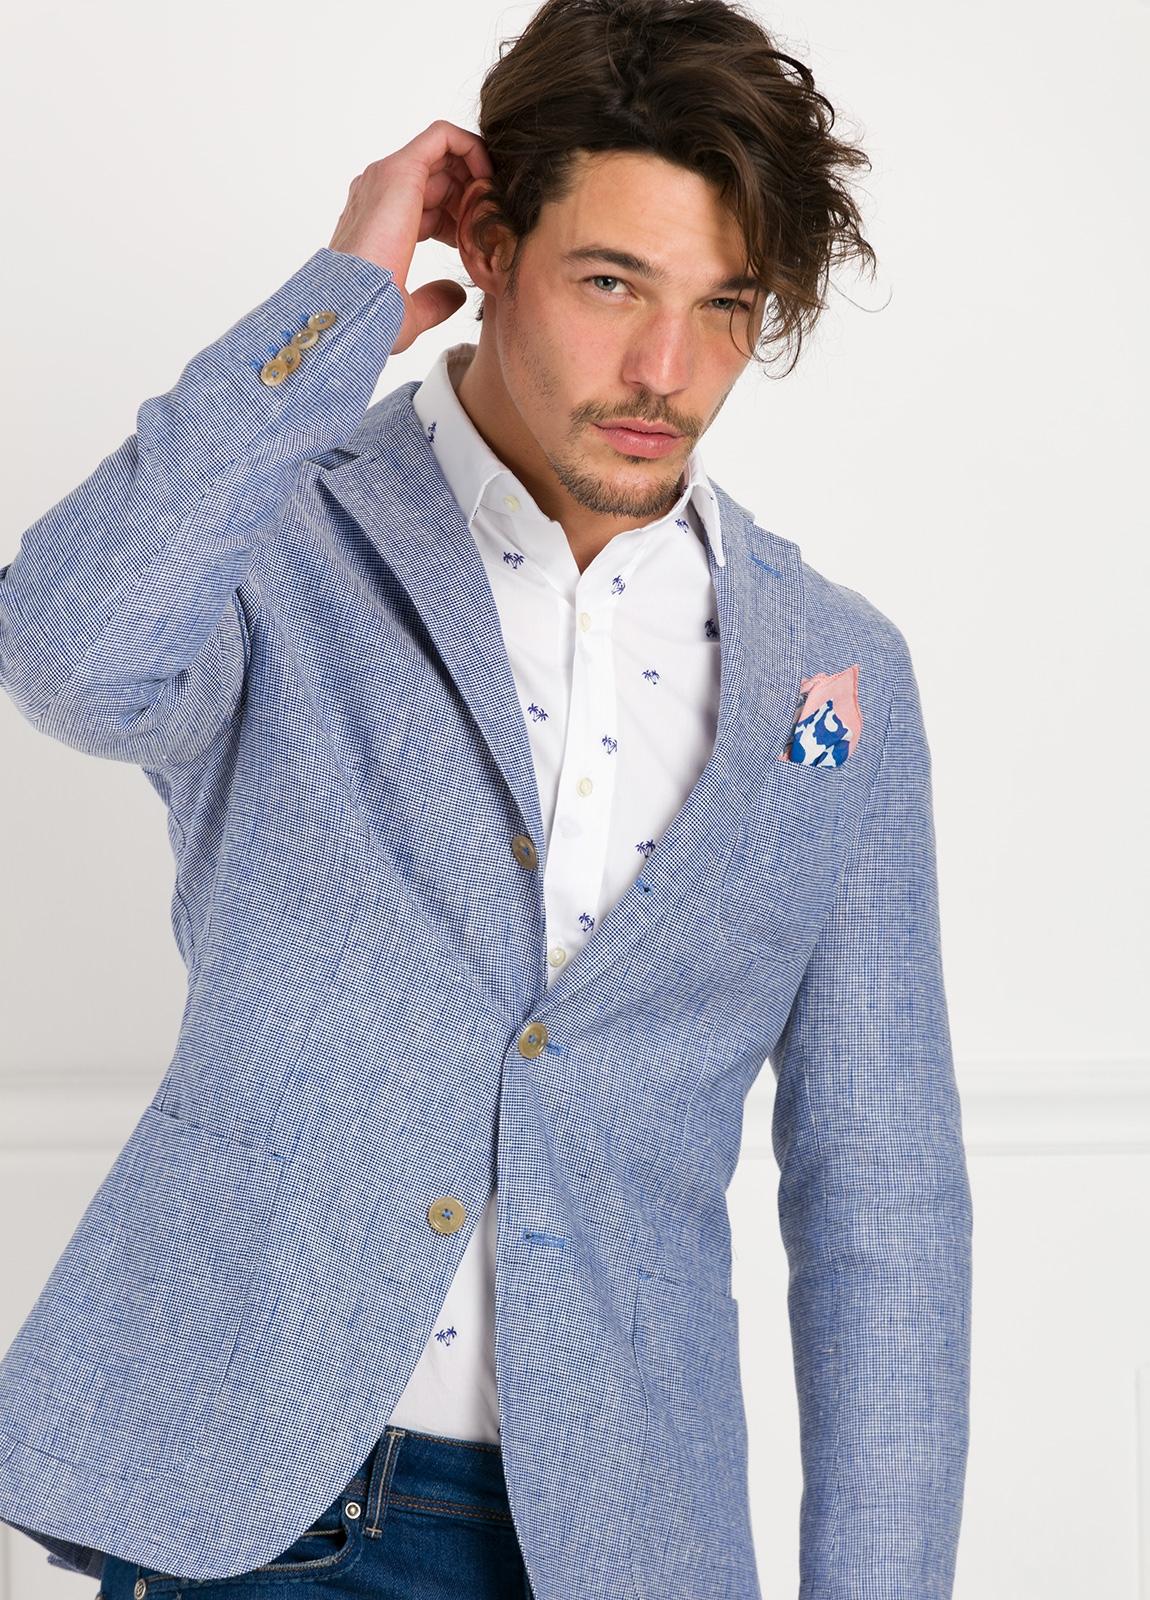 Americana SOFT JACKET Slim Fit diseño textura color azul. 60% Lino 18% Lana 12% Seda 10% Algodón.